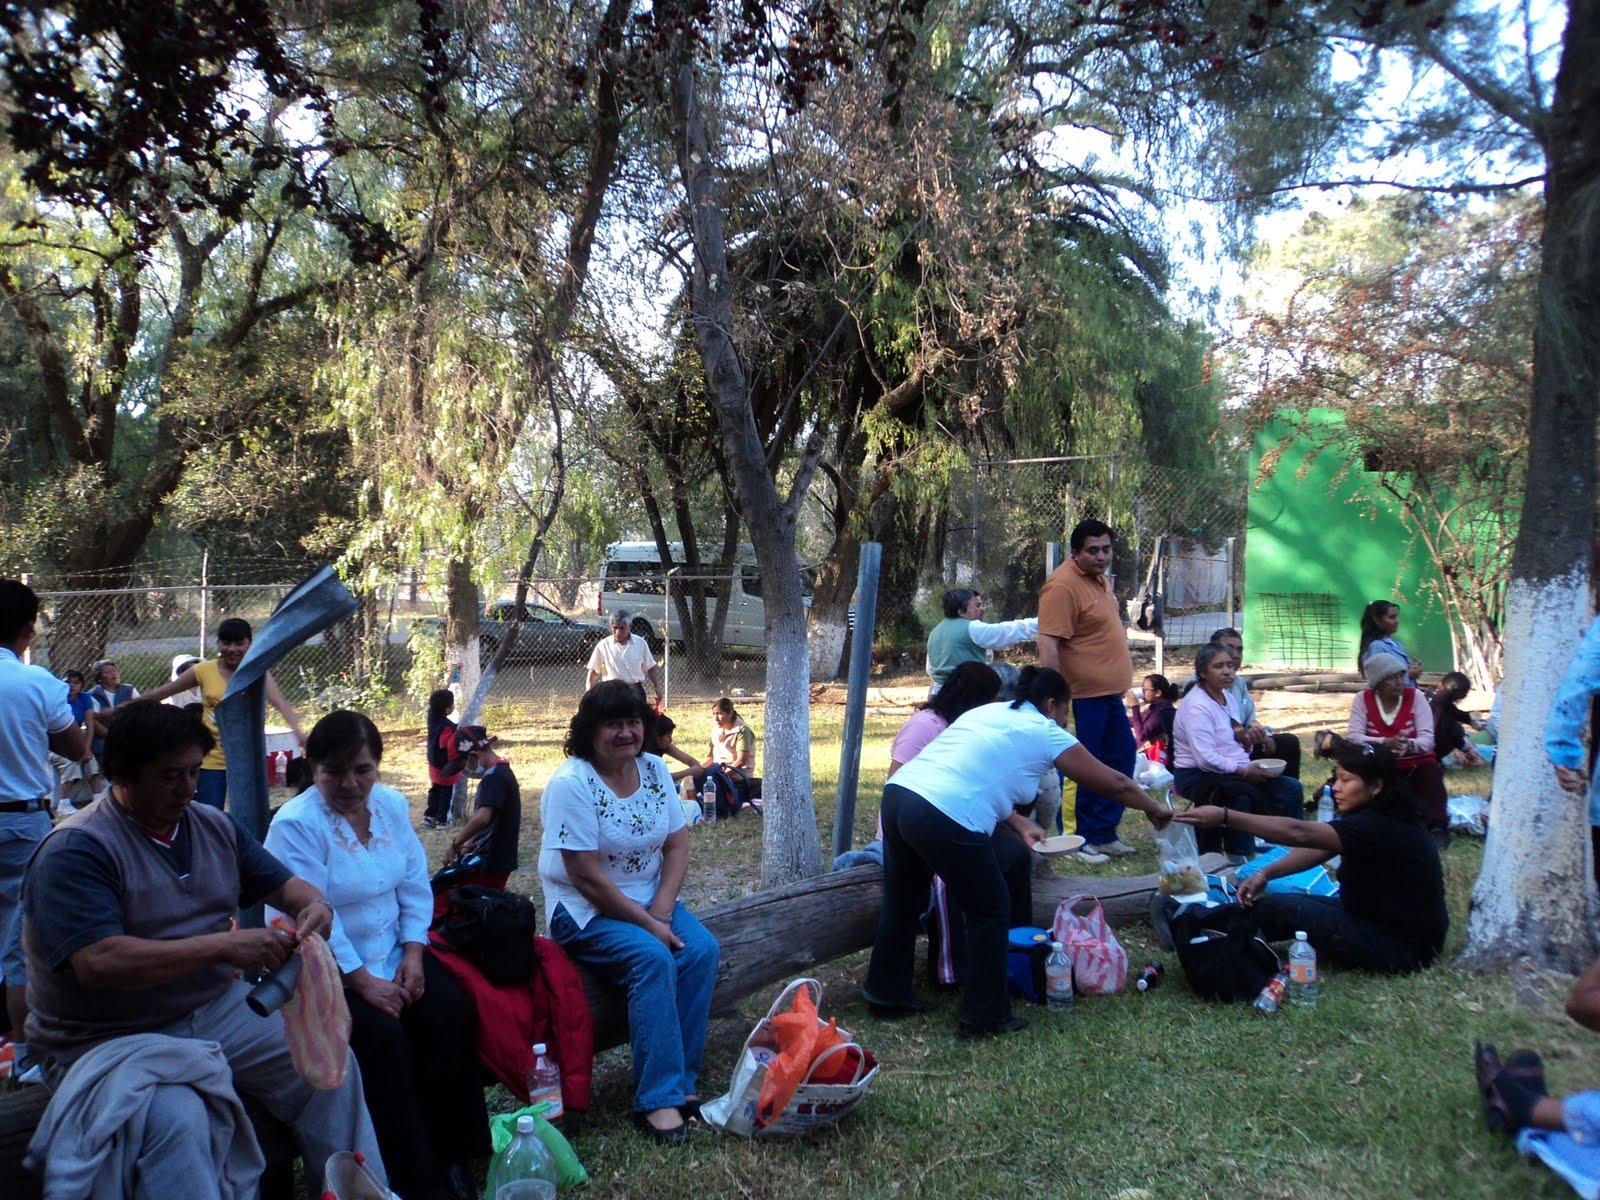 Parroquia jes s de la misericordia visita a la morenita del tepeyac - Casas rurales la morenita ...